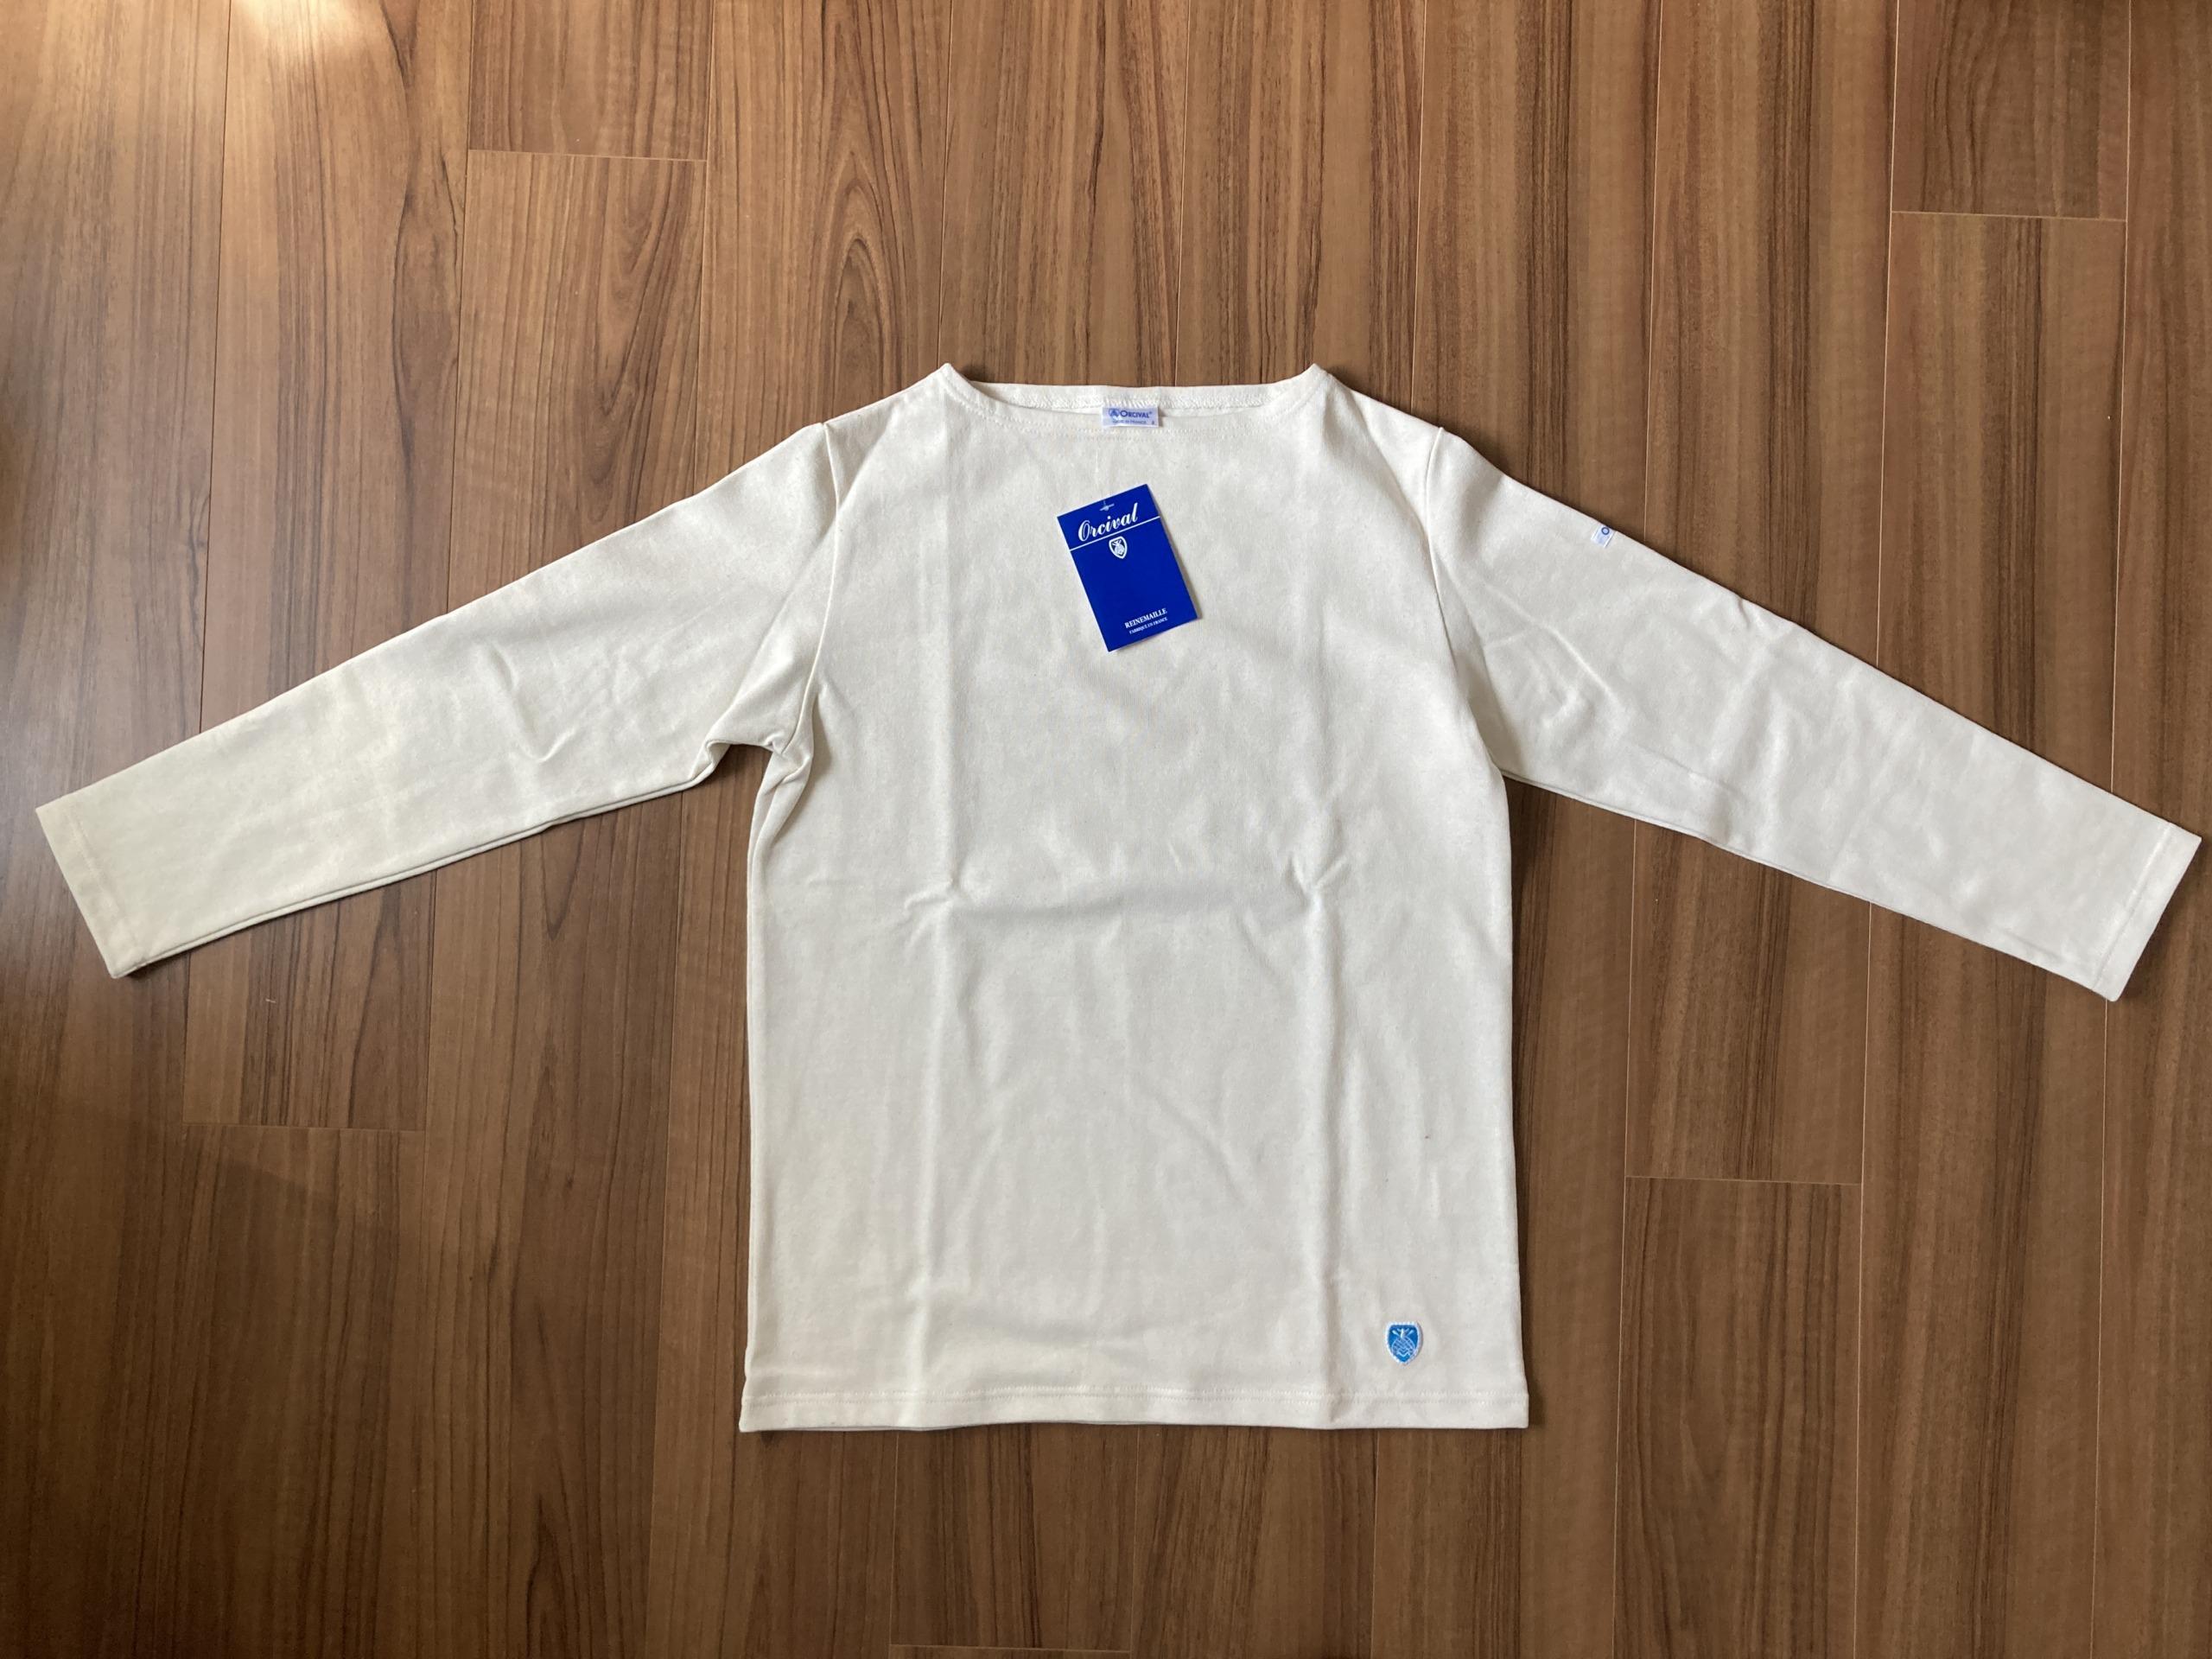 オーシバル Orcival コットンロード バスクシャツ 購入当初 全体観